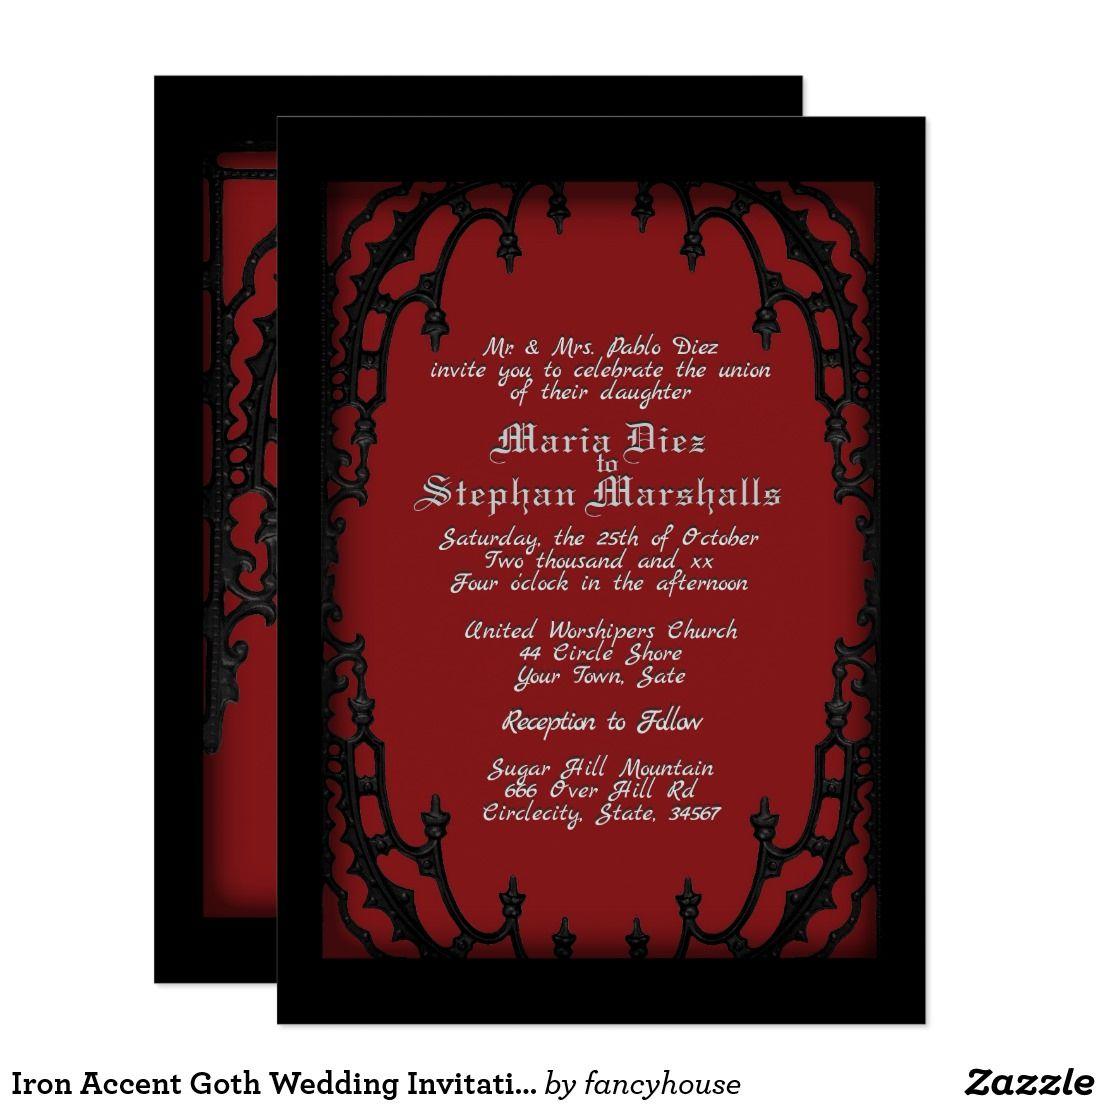 Iron Accent Goth Wedding Invitation | Goth Themed Wedding ...